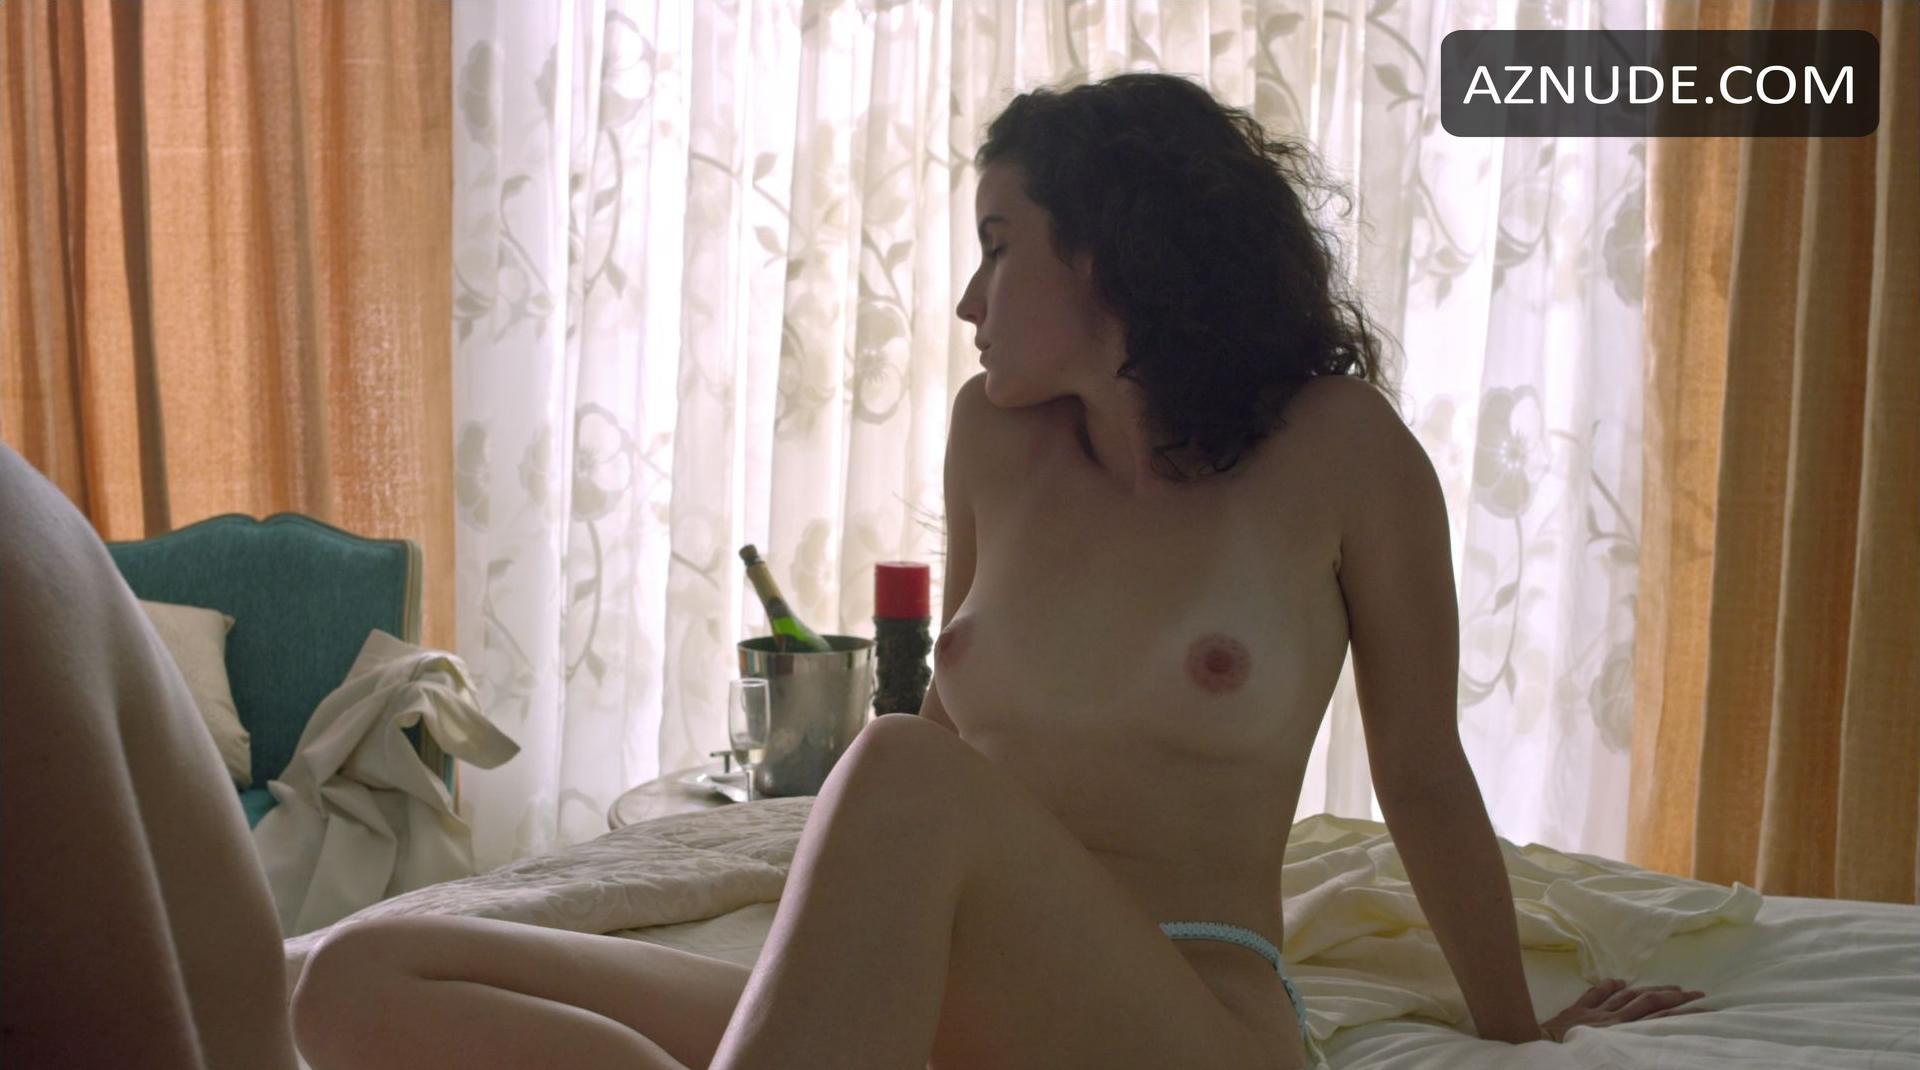 Paulina gaitan nude sex scene in a diablo guardian - 2 10